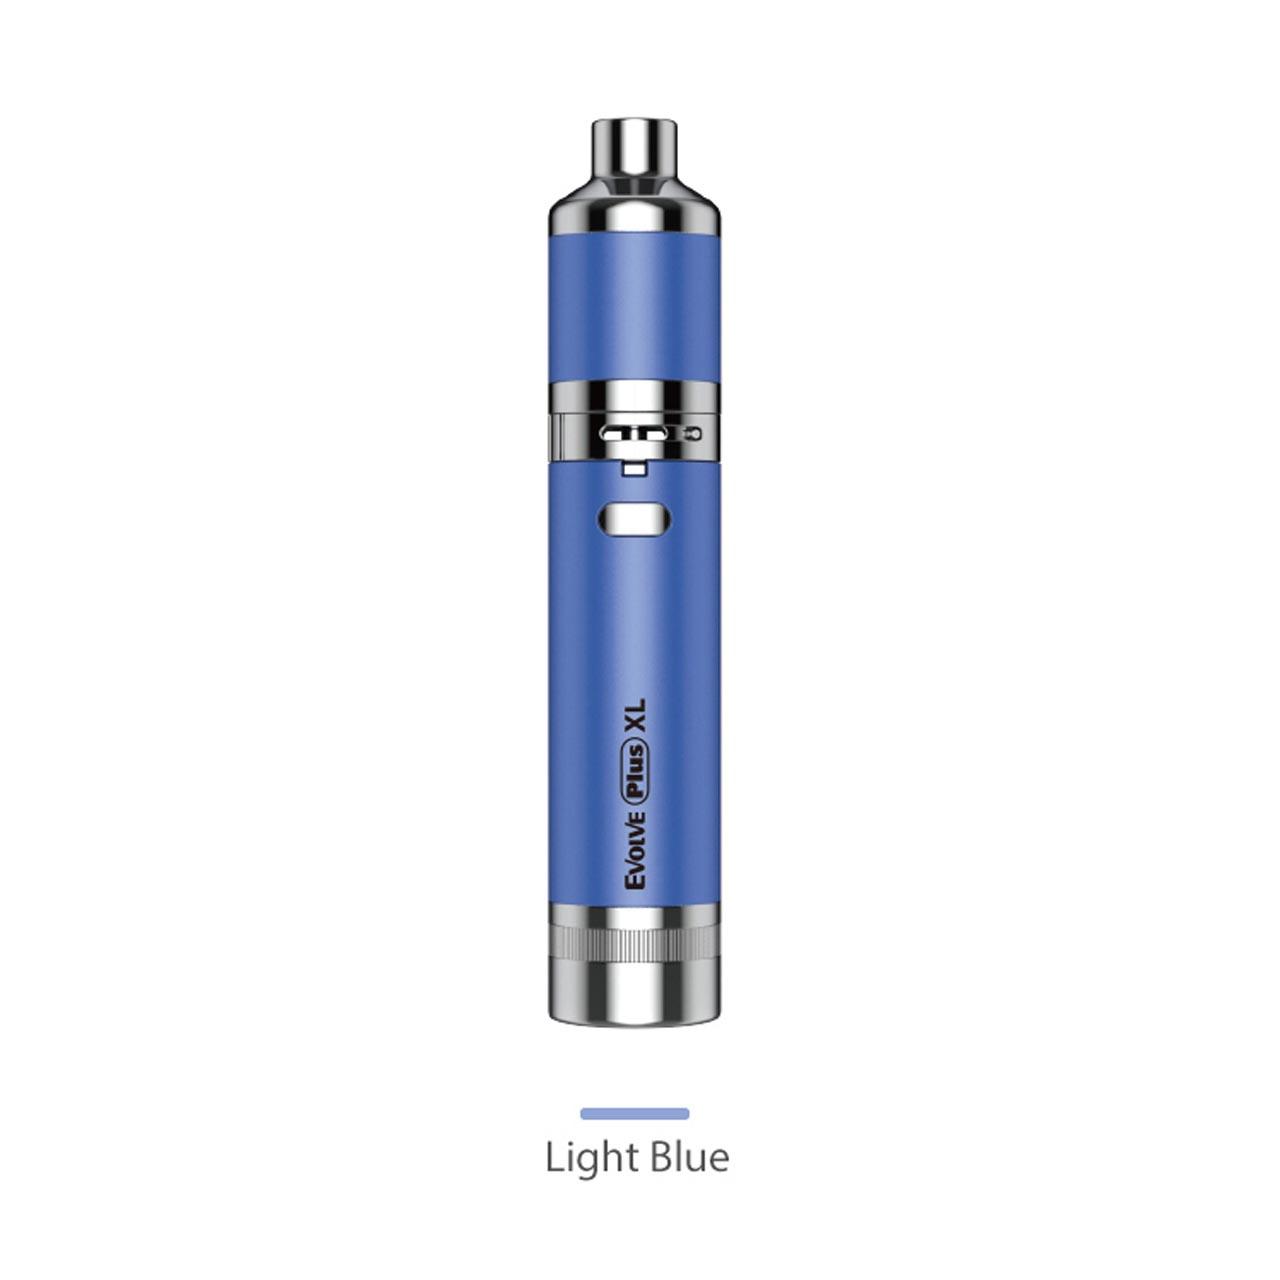 Yocan Evolve Plus XL 2020 Version Kit Light Blue